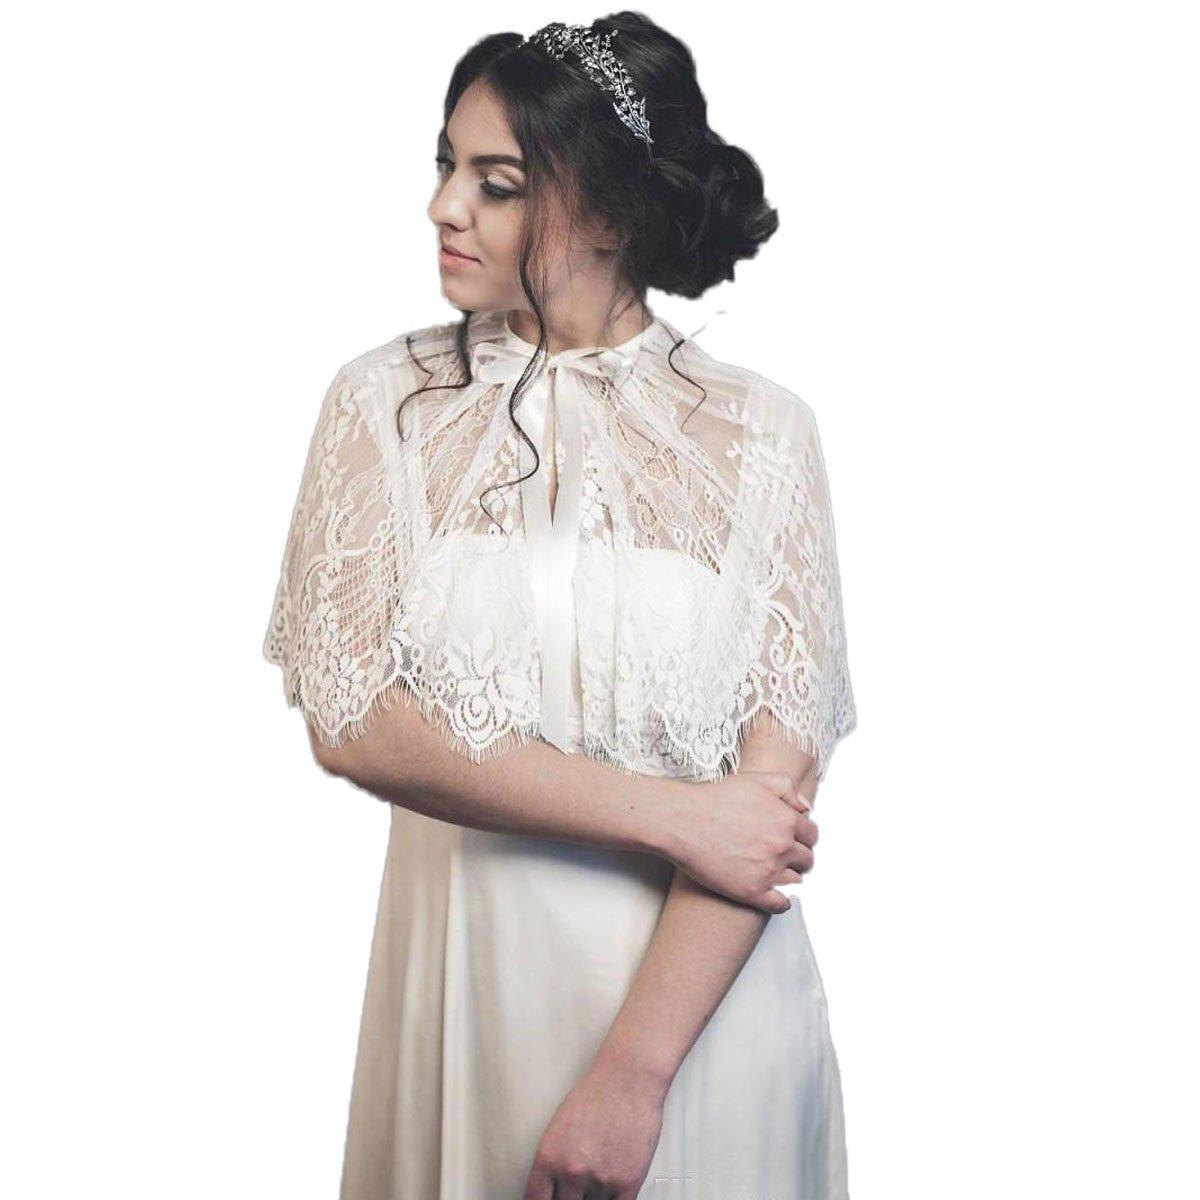 RMDress Bridal Lace Shawls Wedding Wraps Bohemian Elegant Bridesmaid Jacket (Ivory, Formal)